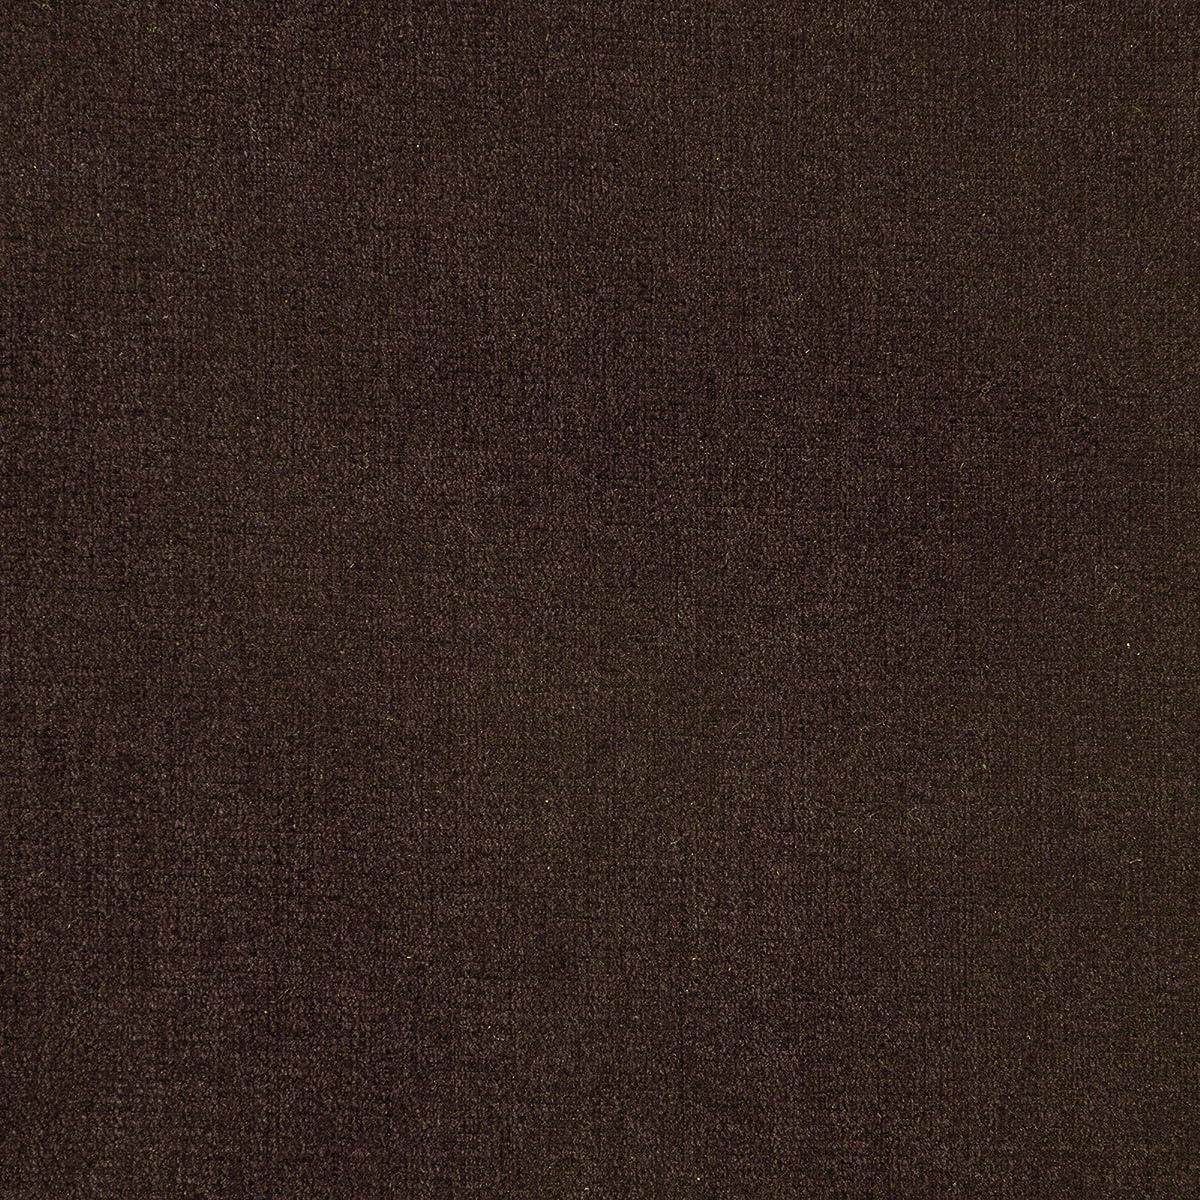 """Serta RTA Copenhagen Collection 61"""" Loveseat in Rye Brown"""